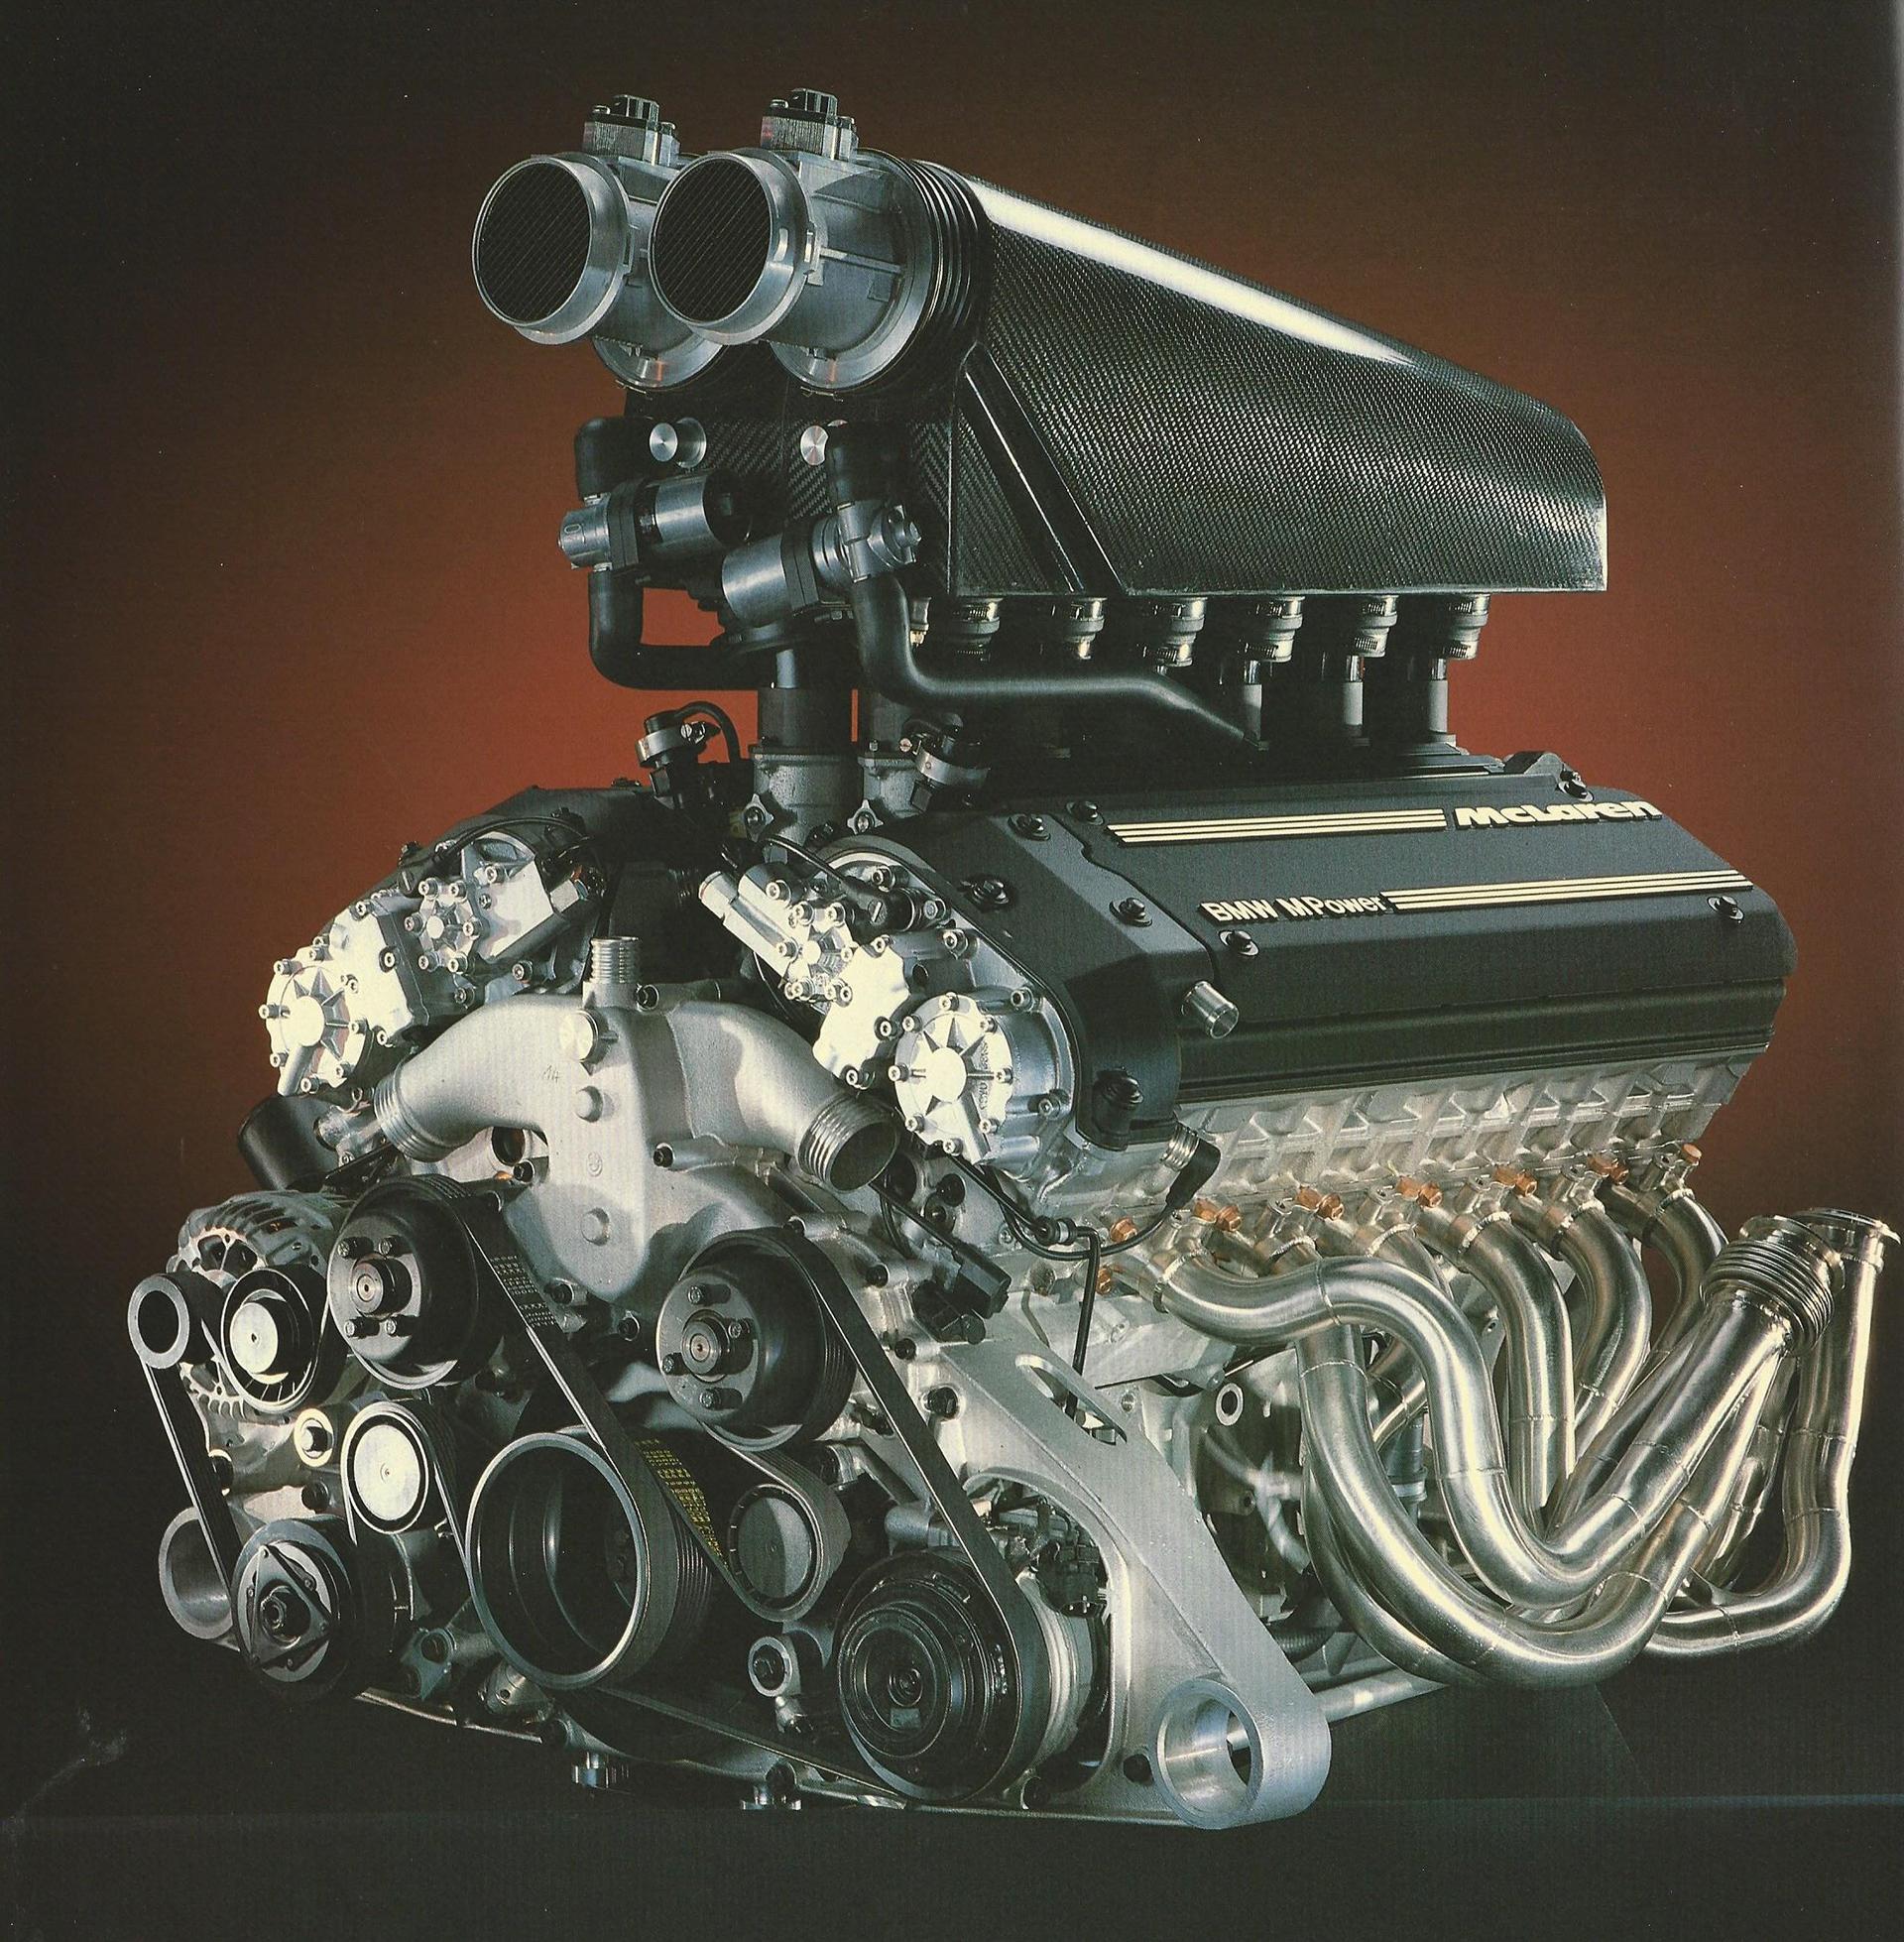 McLaren F1 - BMW V12 - engine / moteur